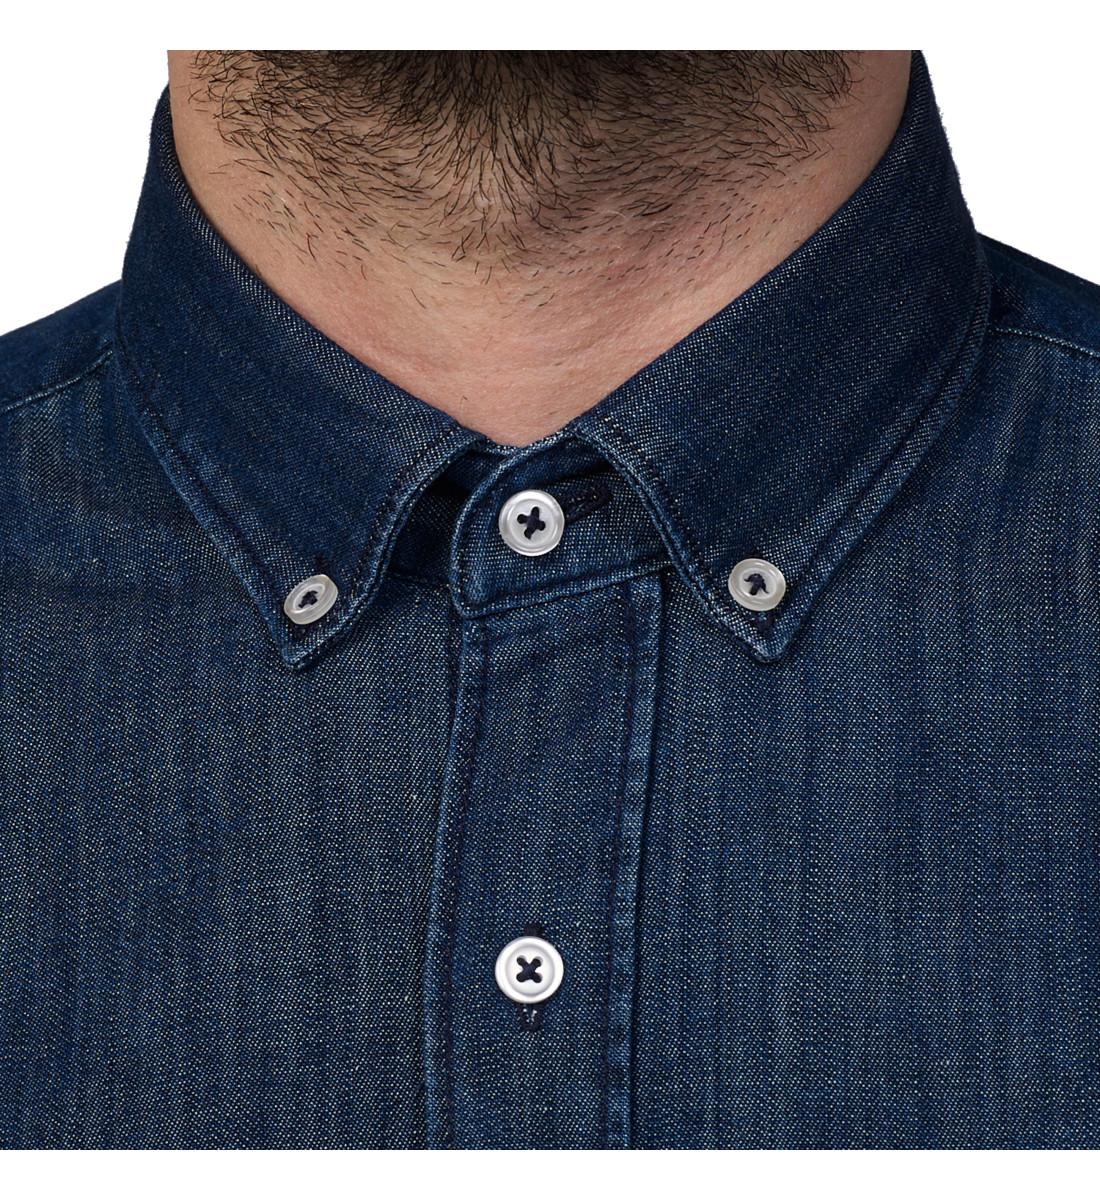 Chemise cintrée en denim col pointes boutonnées Brut